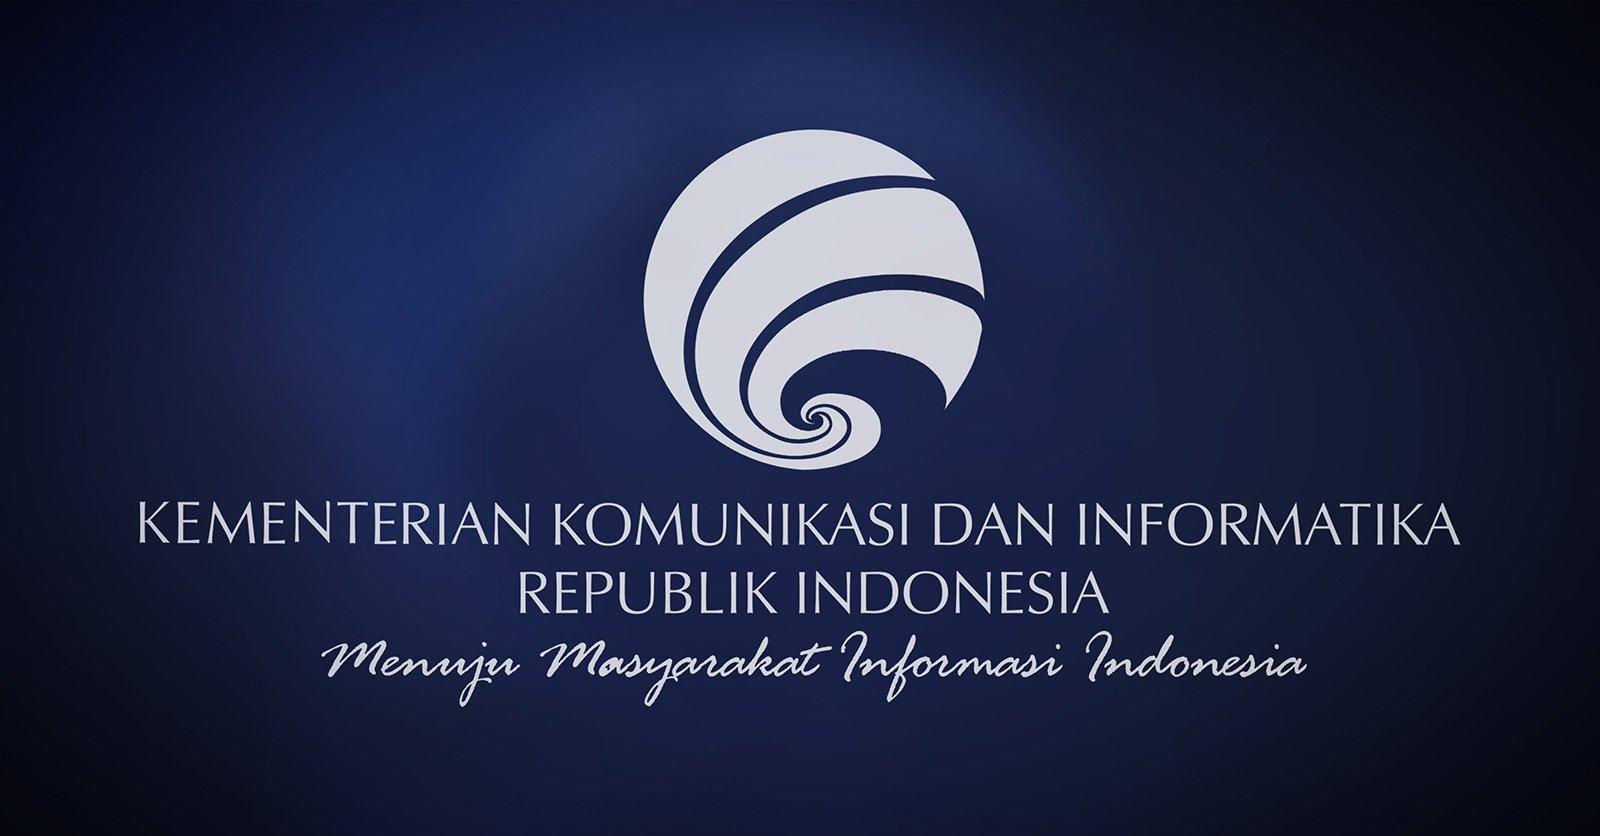 Pengumuman Panitia Pengisian Jabatan Pimpinan Tinggi Madya dan Pratama Kementerian Komunikasi dan Informatika Tentang Peserta Lolos Seleksi Administrasi dan Jadwal Tes Penulisan Makalah